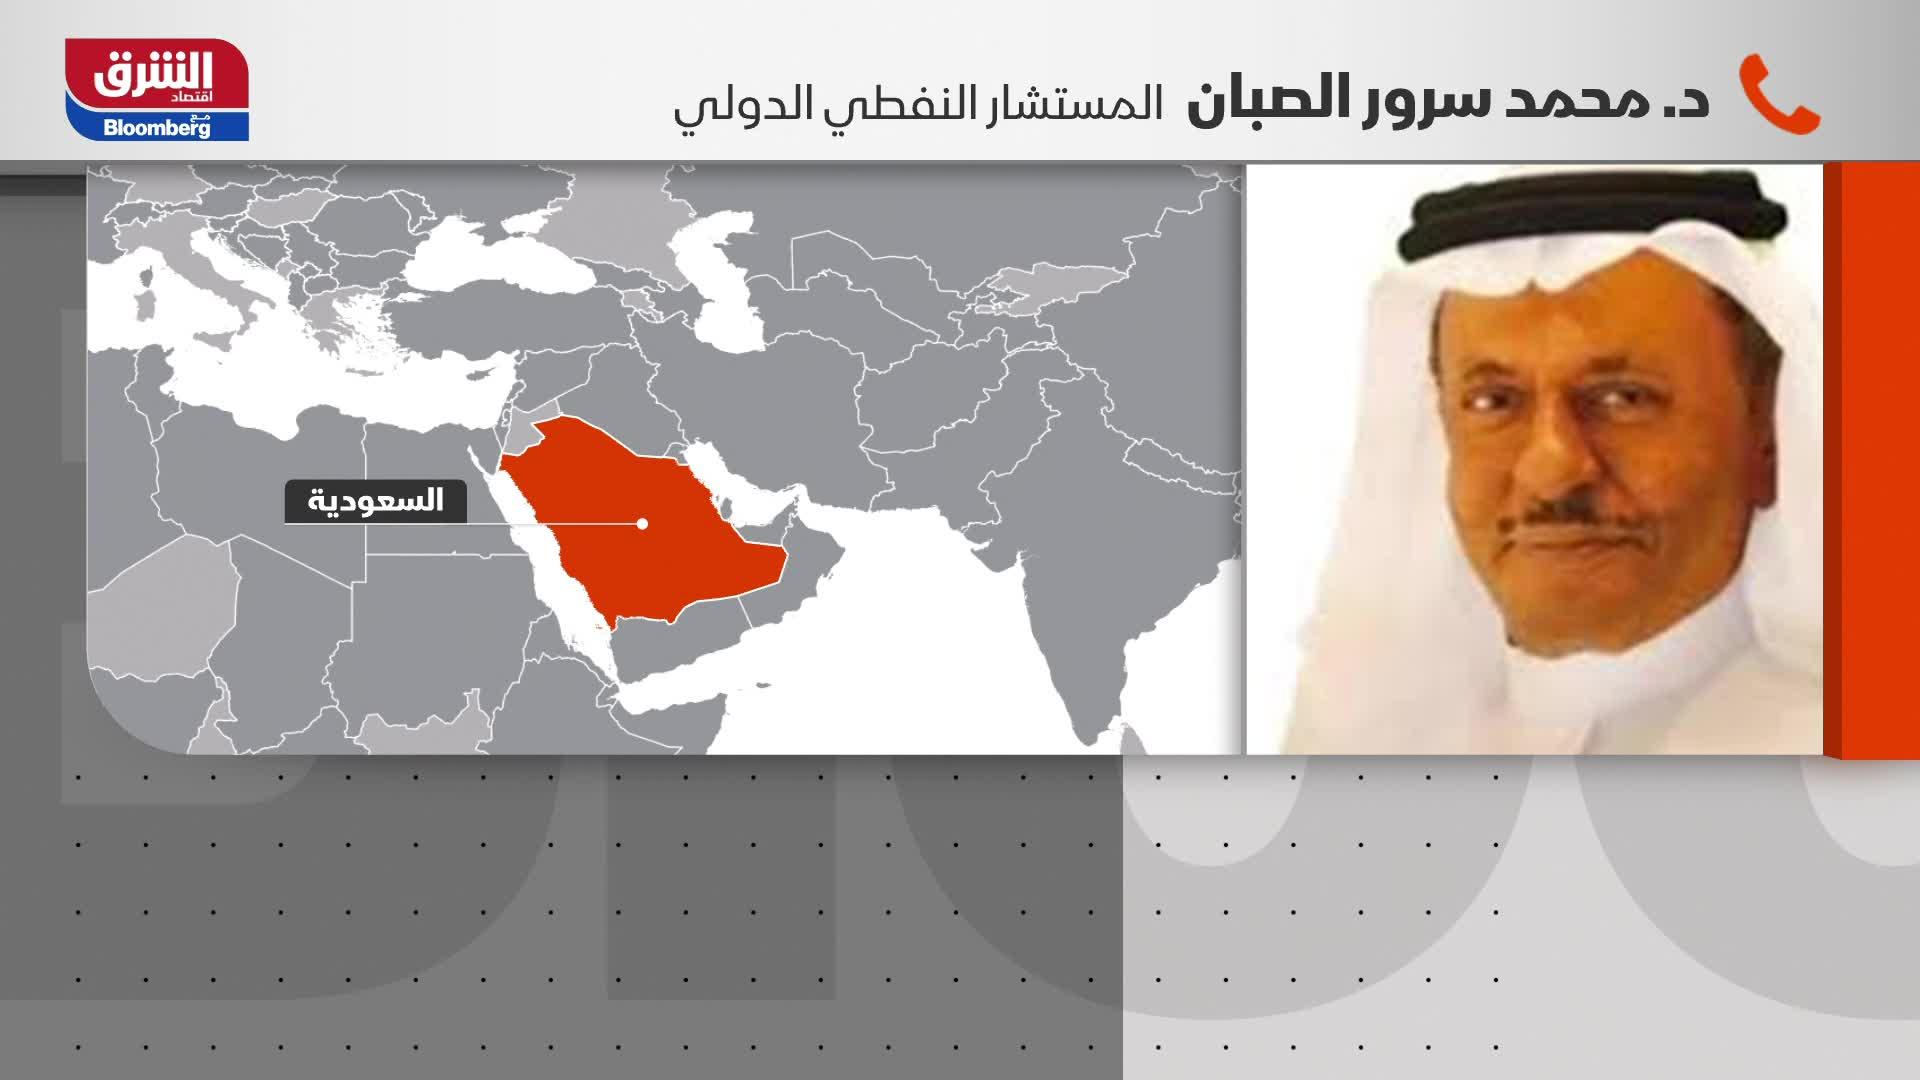 أسوشيتد برس: 4 سفن في خليج عُمان أصبحت خارج السيطرة